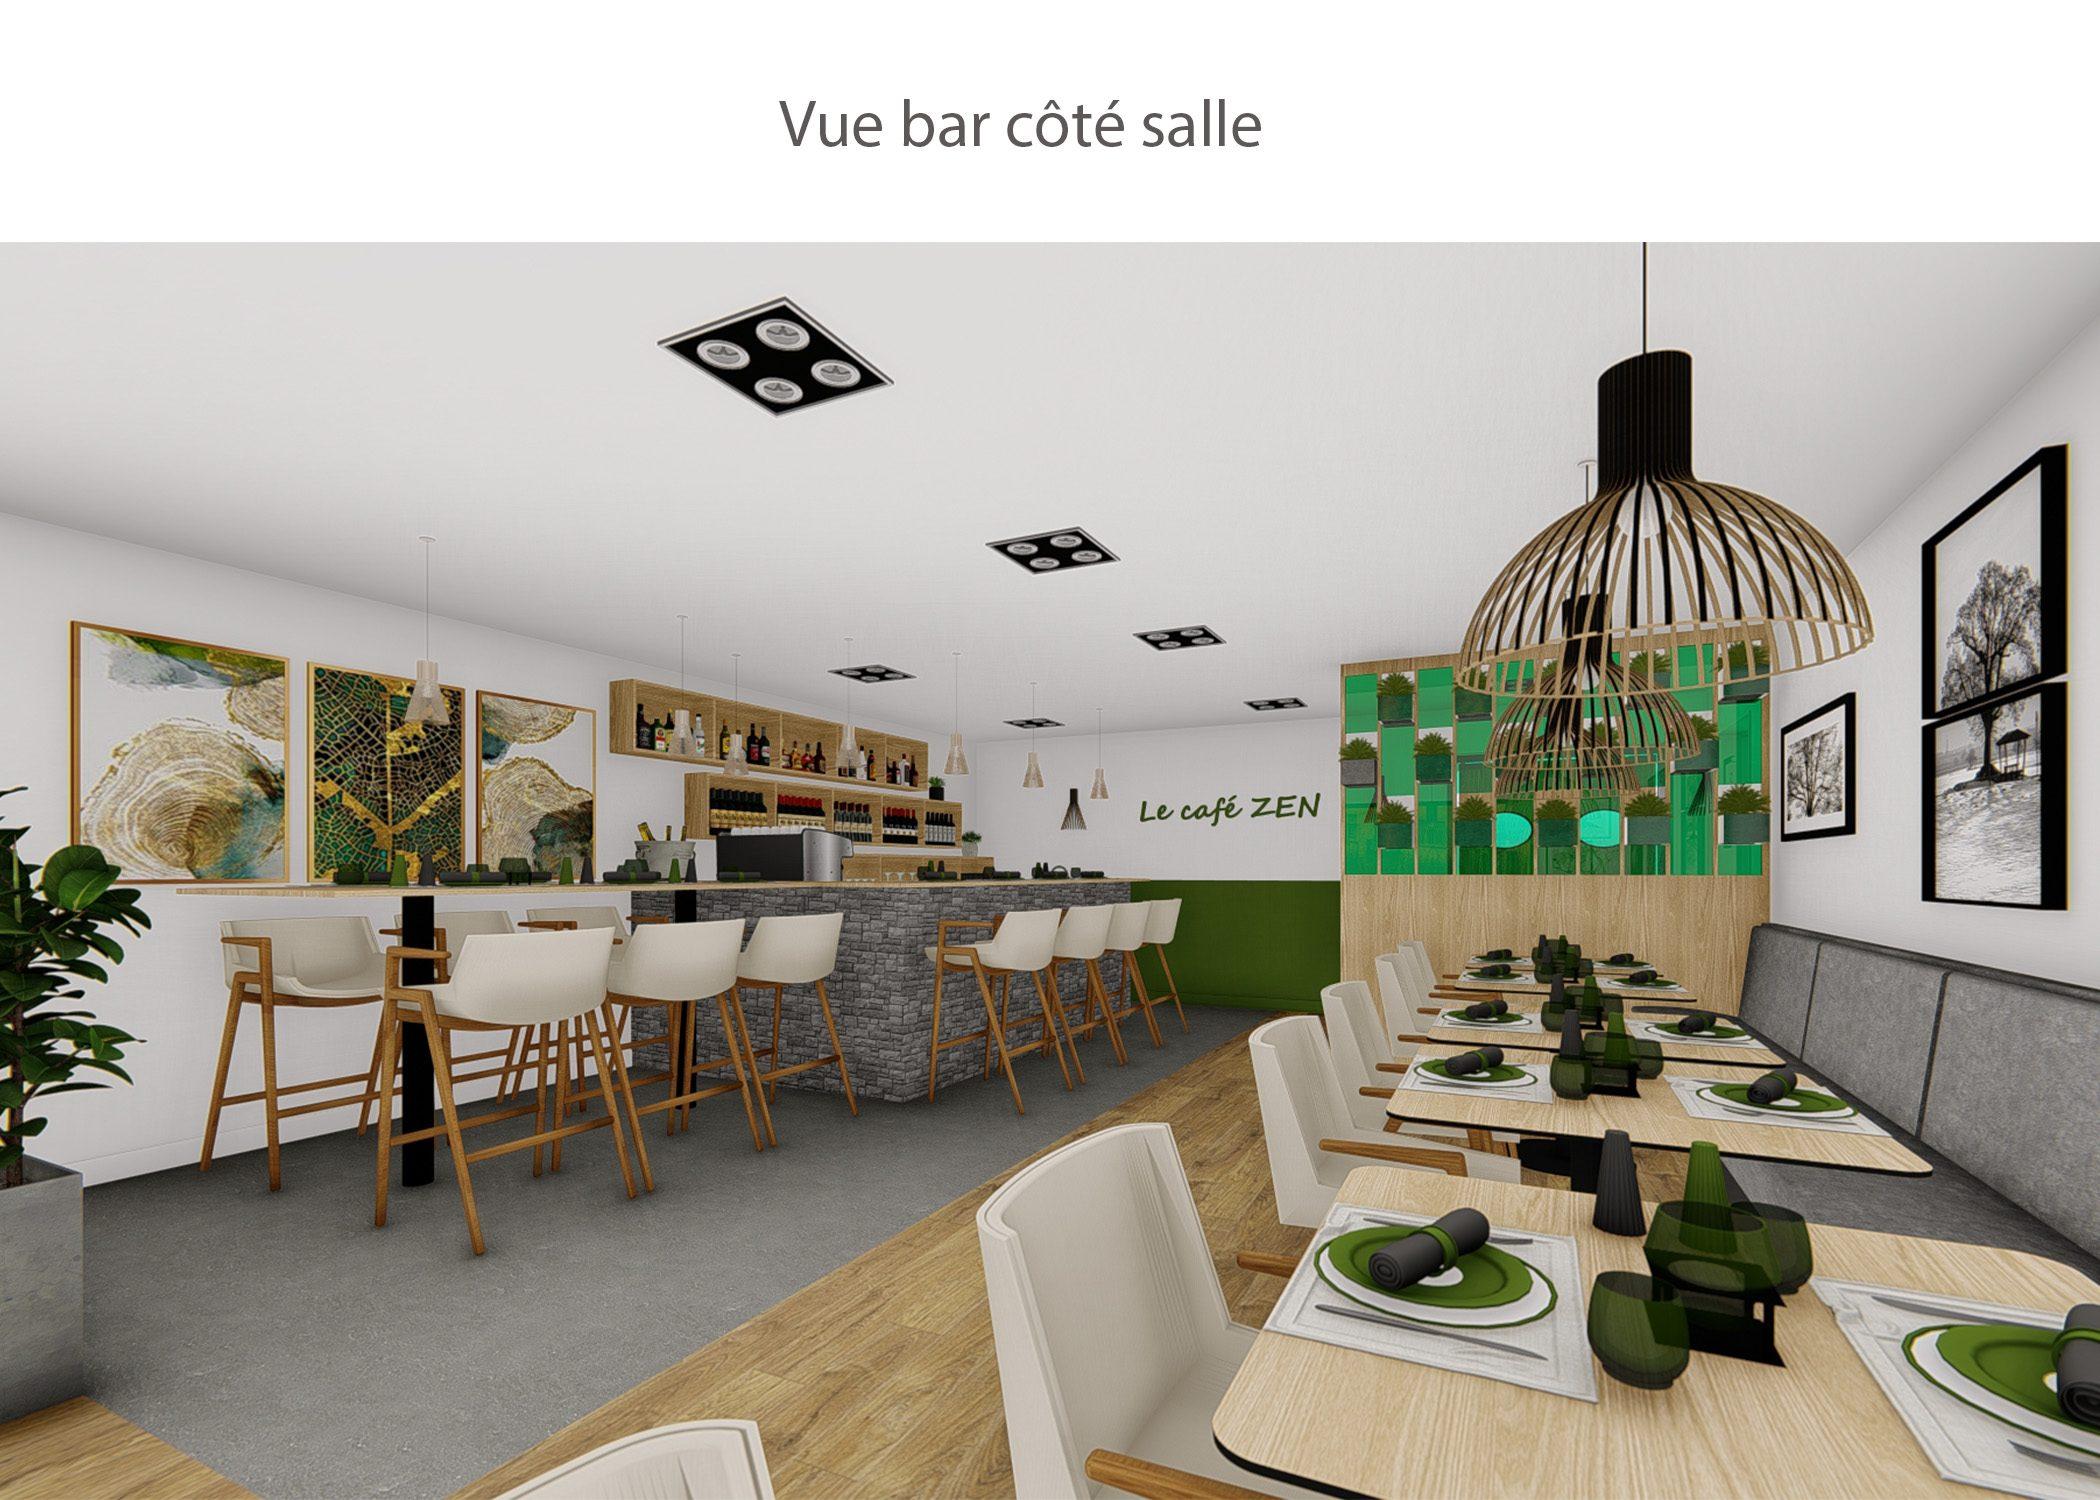 amenagement-decoration-restaurant-lyon-vue bar cote salle-dekho design